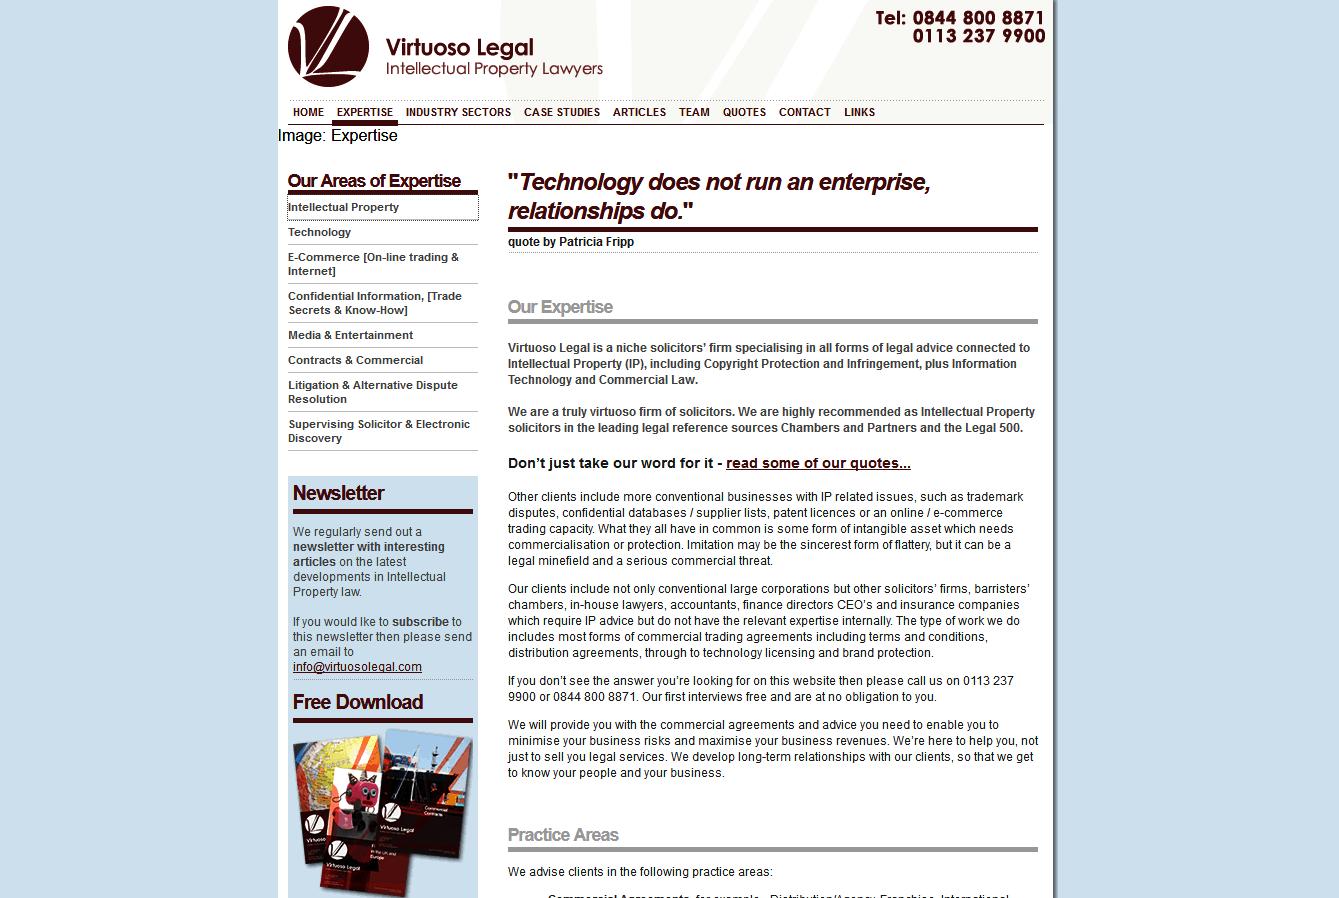 Law firm website - SEO II